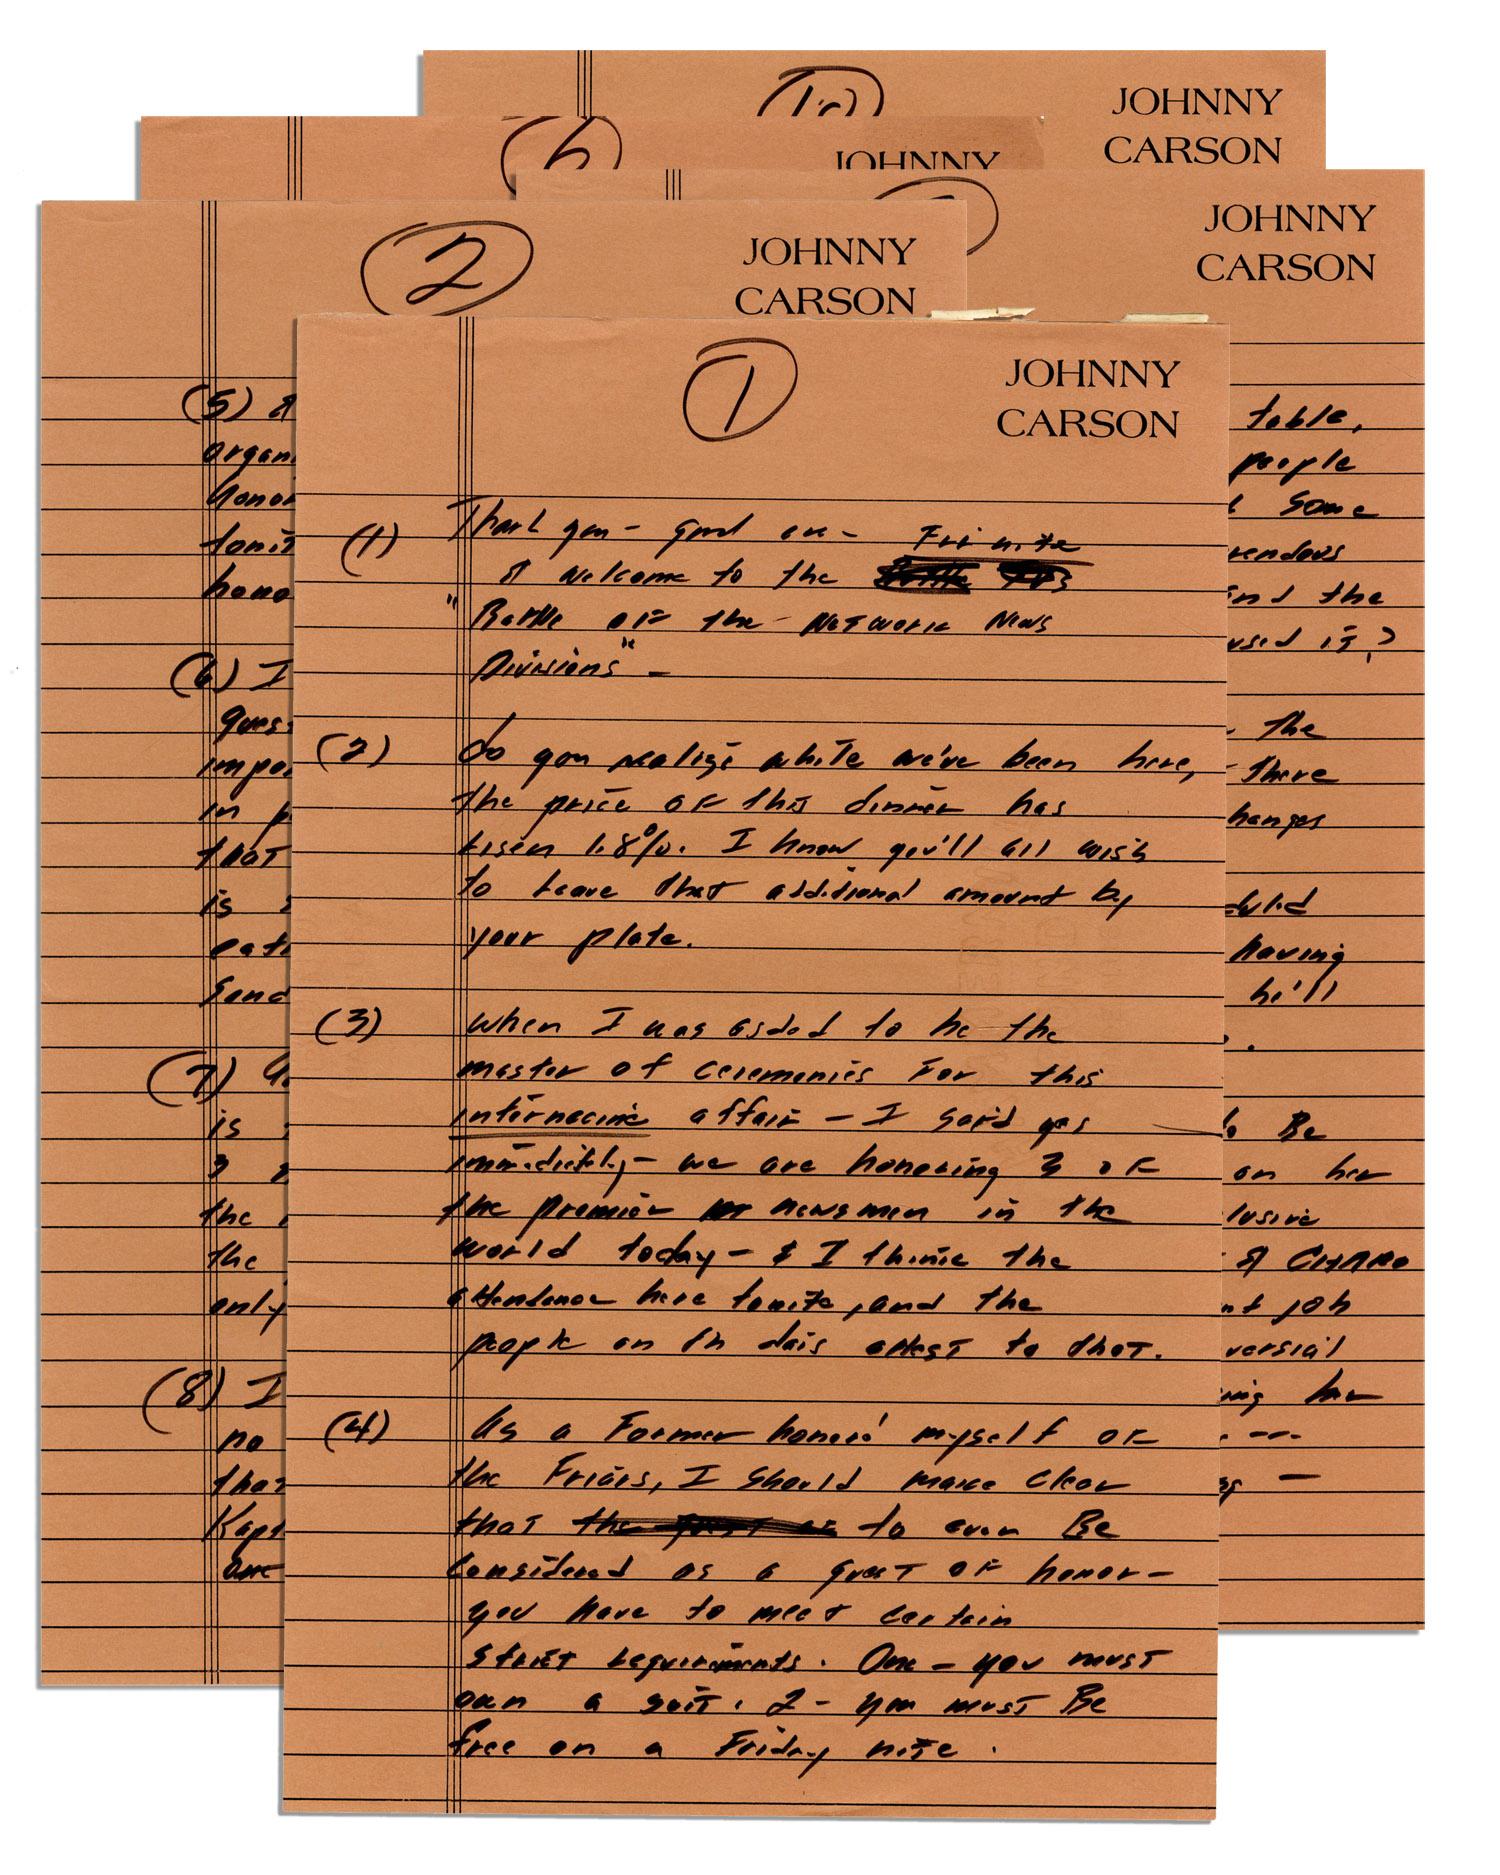 Johnny Carson Memorabilia